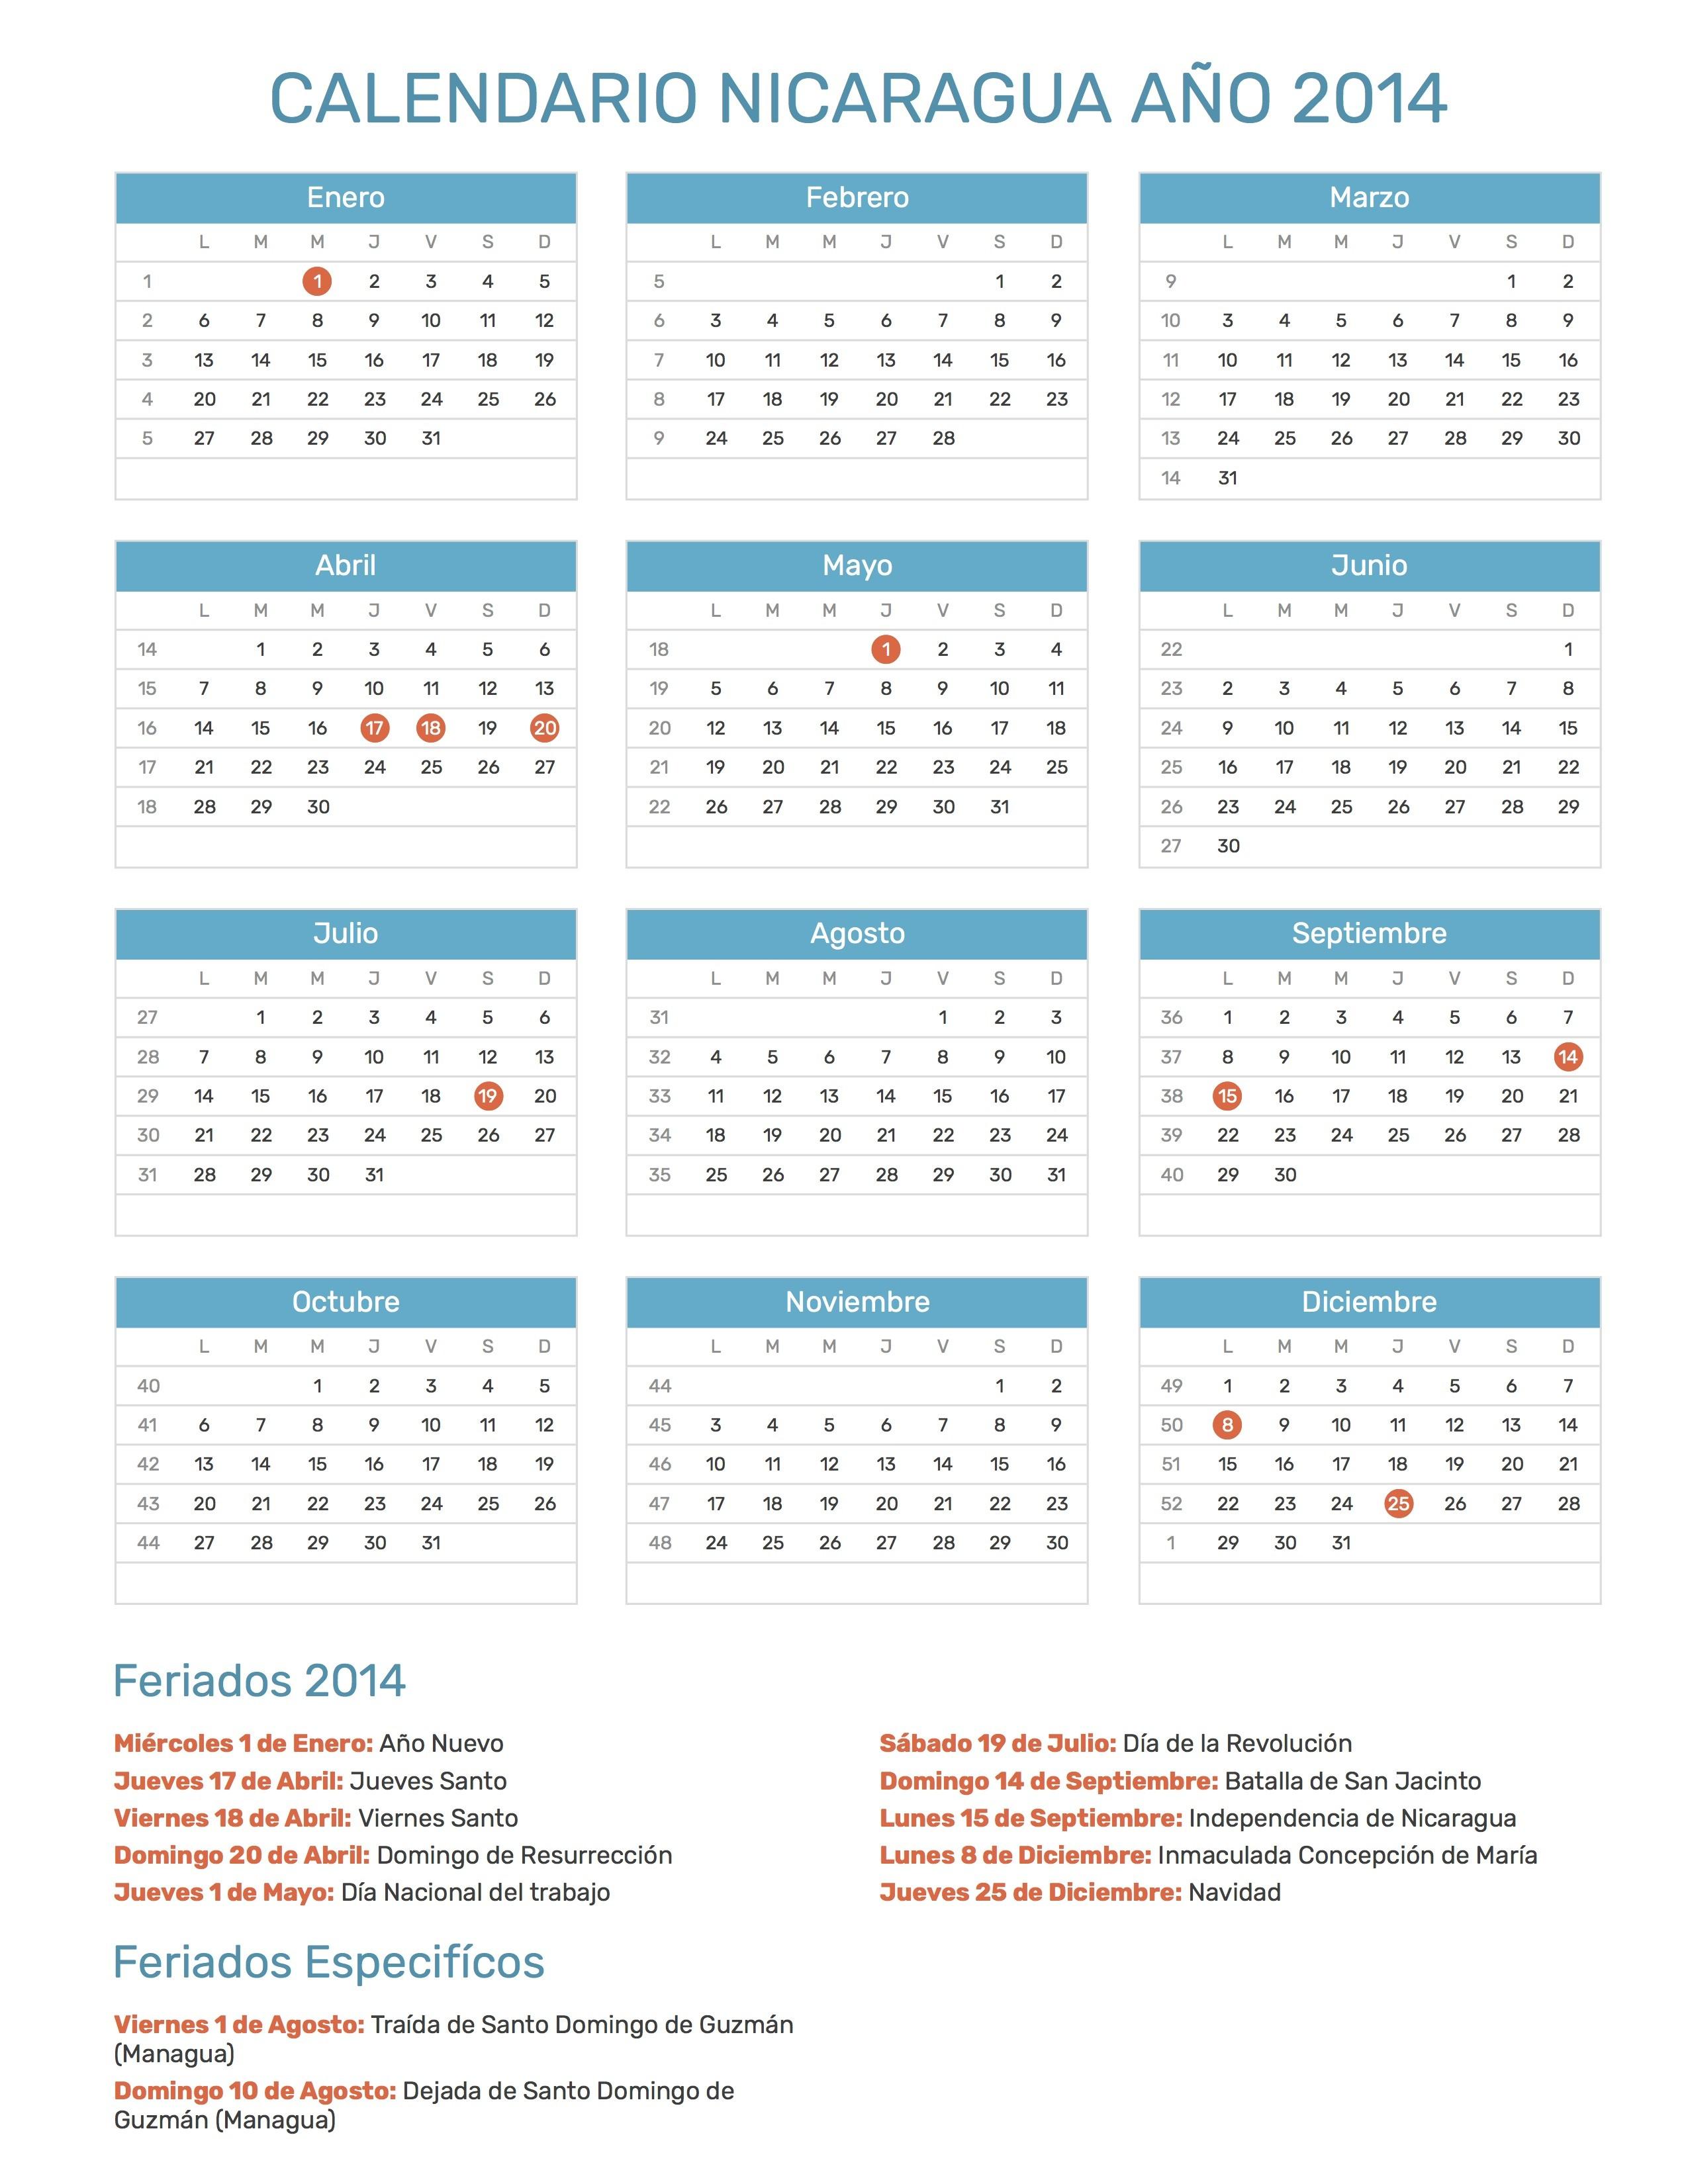 Calendario Agosto 2017 Para Imprimir Excel Más Recientemente Liberado List Of Synonyms and Antonyms Of the Word Calendario 2014 Mexico Of Calendario Agosto 2017 Para Imprimir Excel Más Recientes Calendario Para Imprimir